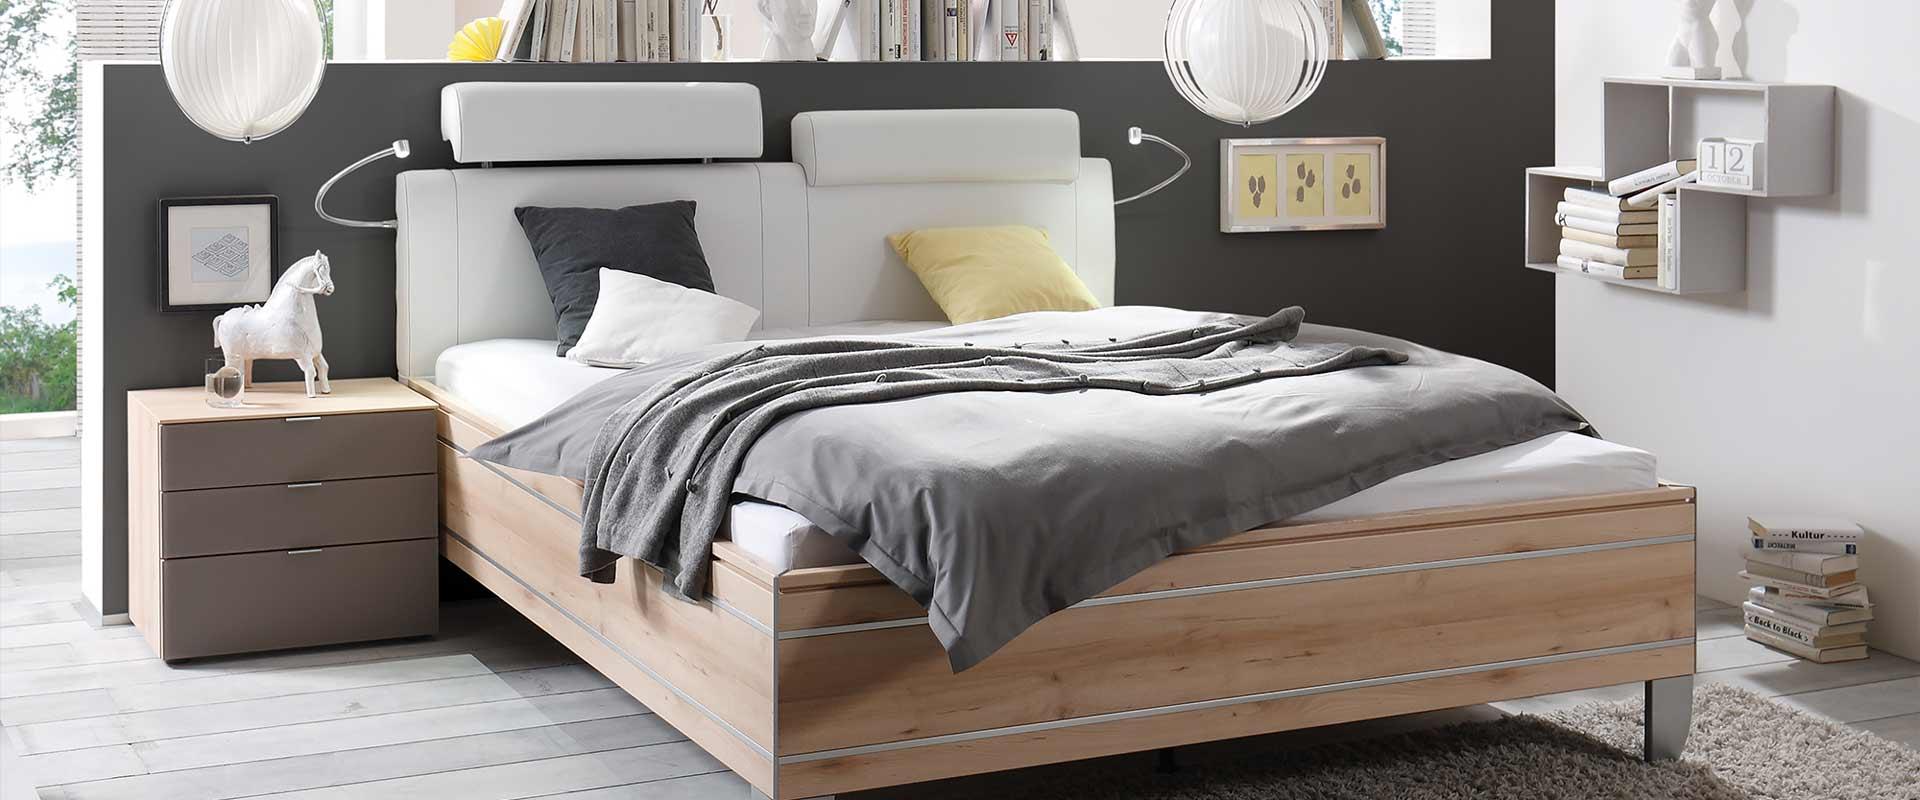 Schlafzimmer sonate